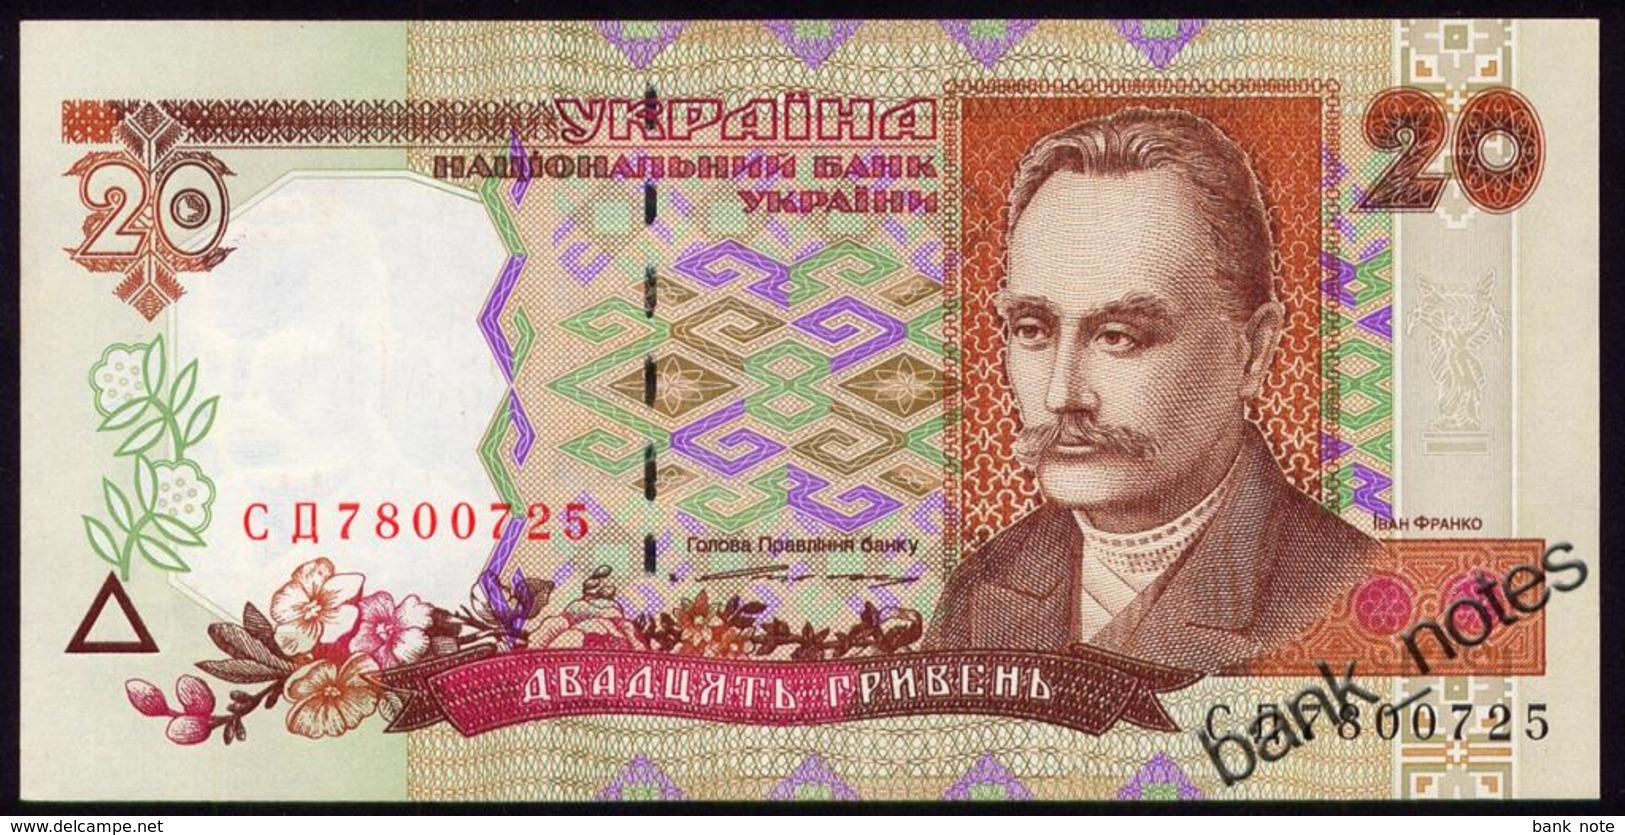 UKRAINE 20 HRYVEN 1995 YUSCHENKO СД 7800725 Pick 112a AUnc+ - Ukraine